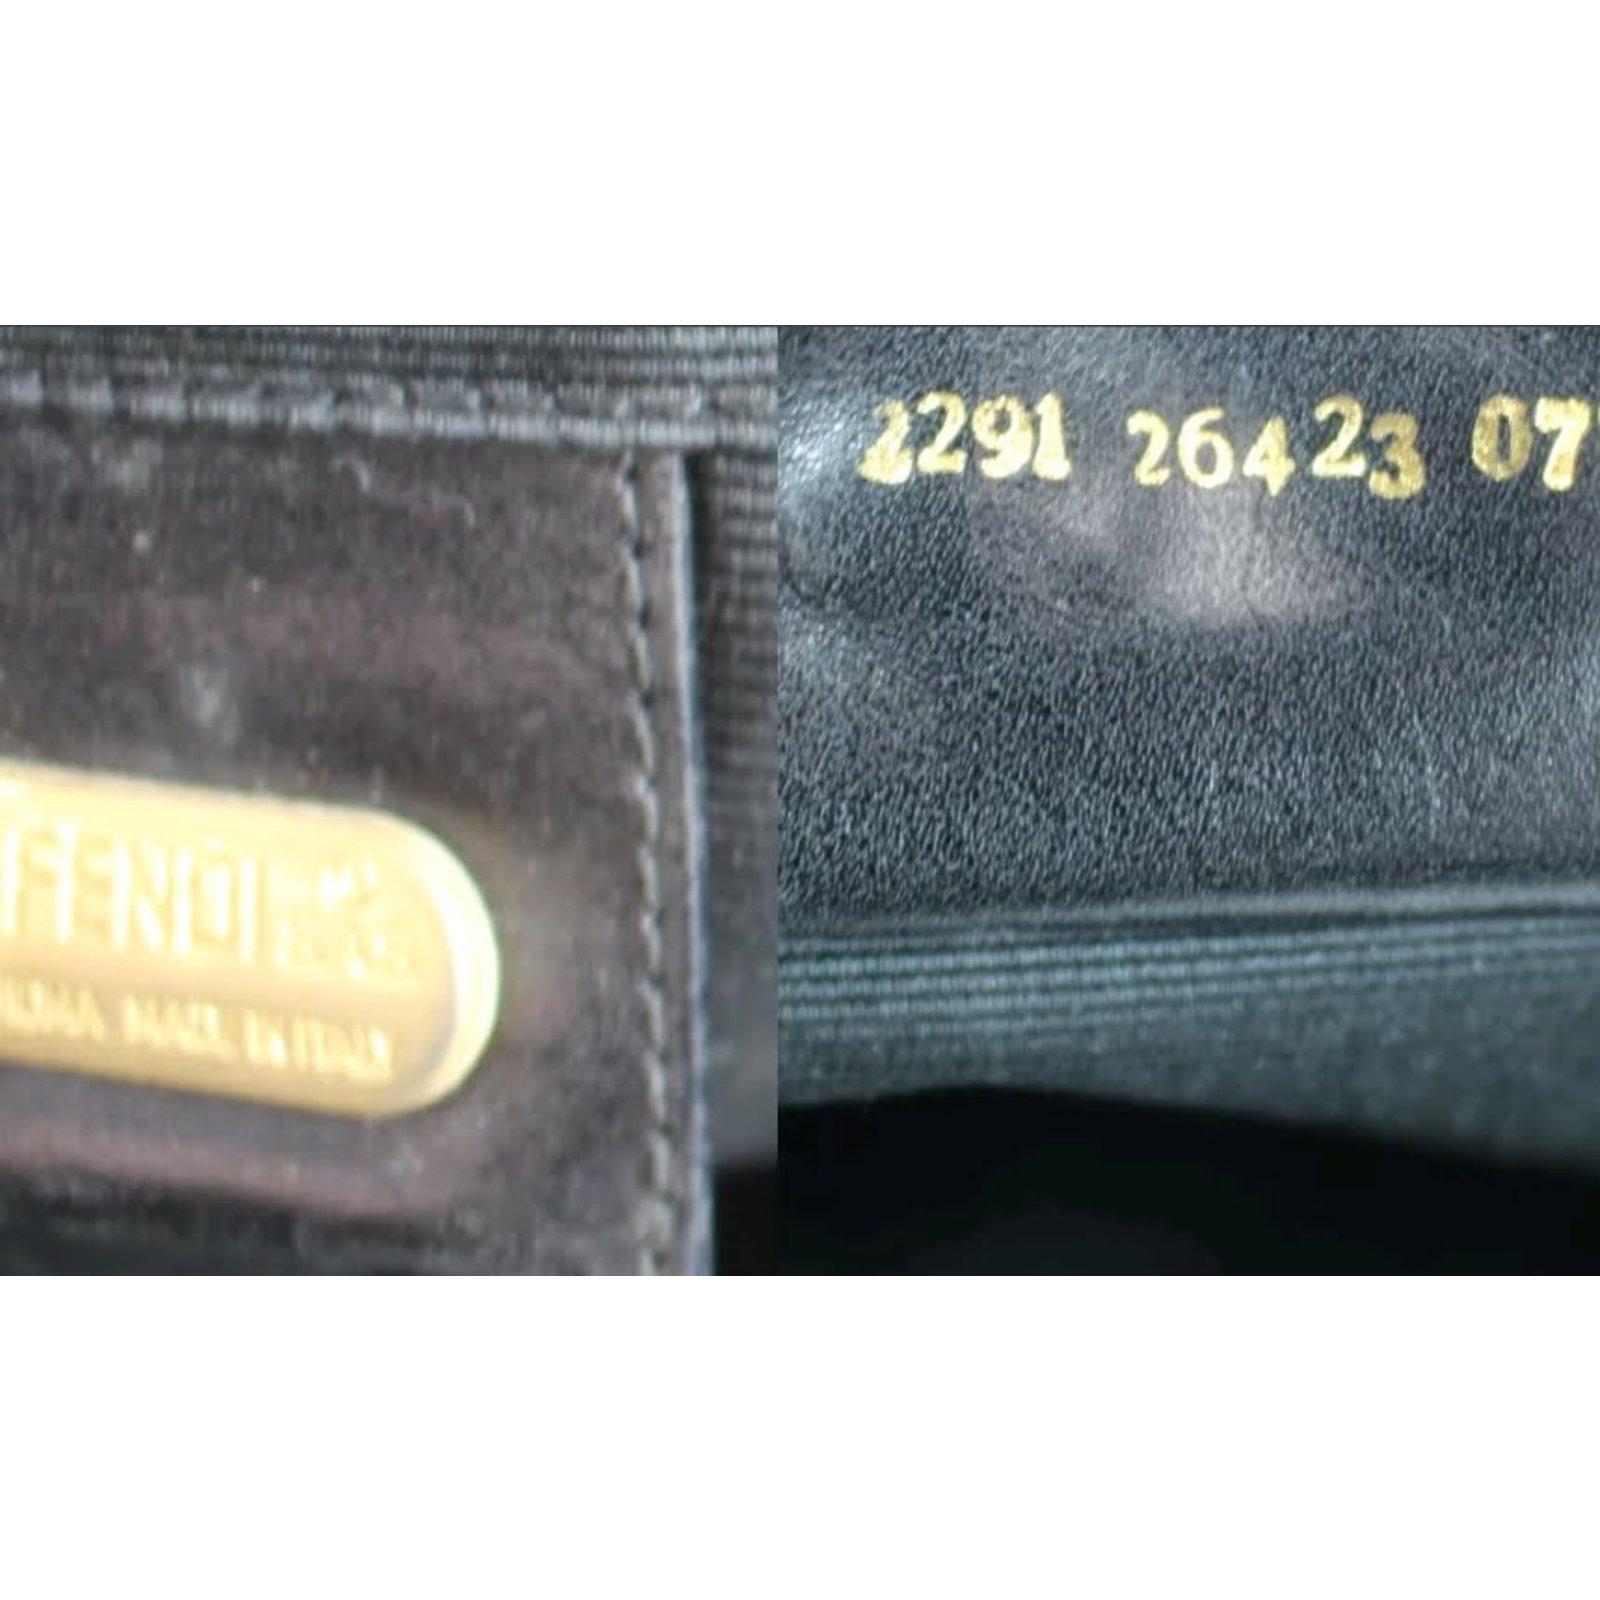 0a0a5ba9ff49 Fendi fendi logo large black tote bag Totes Nylon Black ref.65224 - Joli  Closet